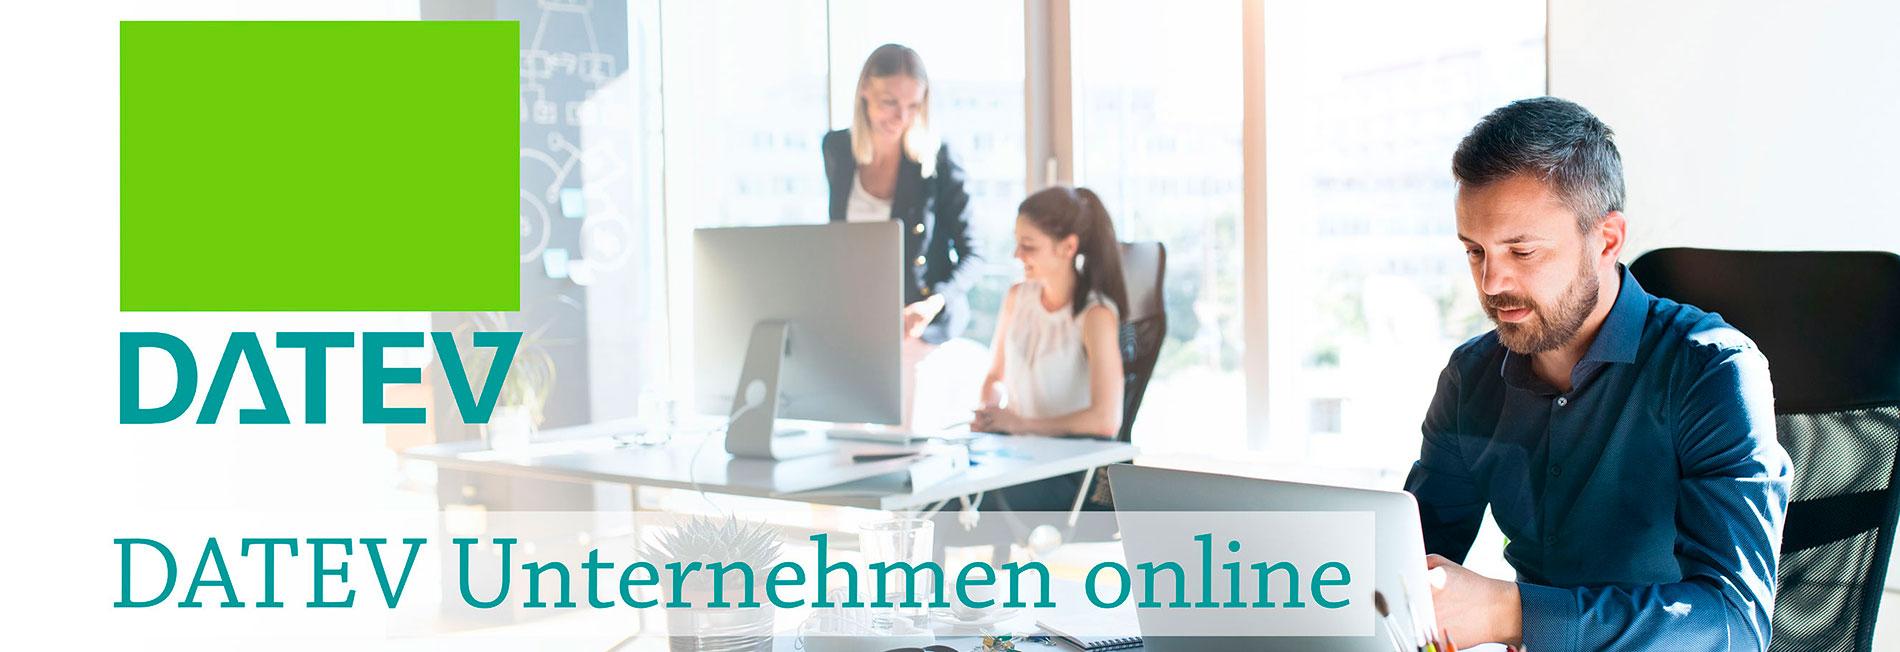 Unternehmen Online DATEV   Hemsing und Partner Steuerberater